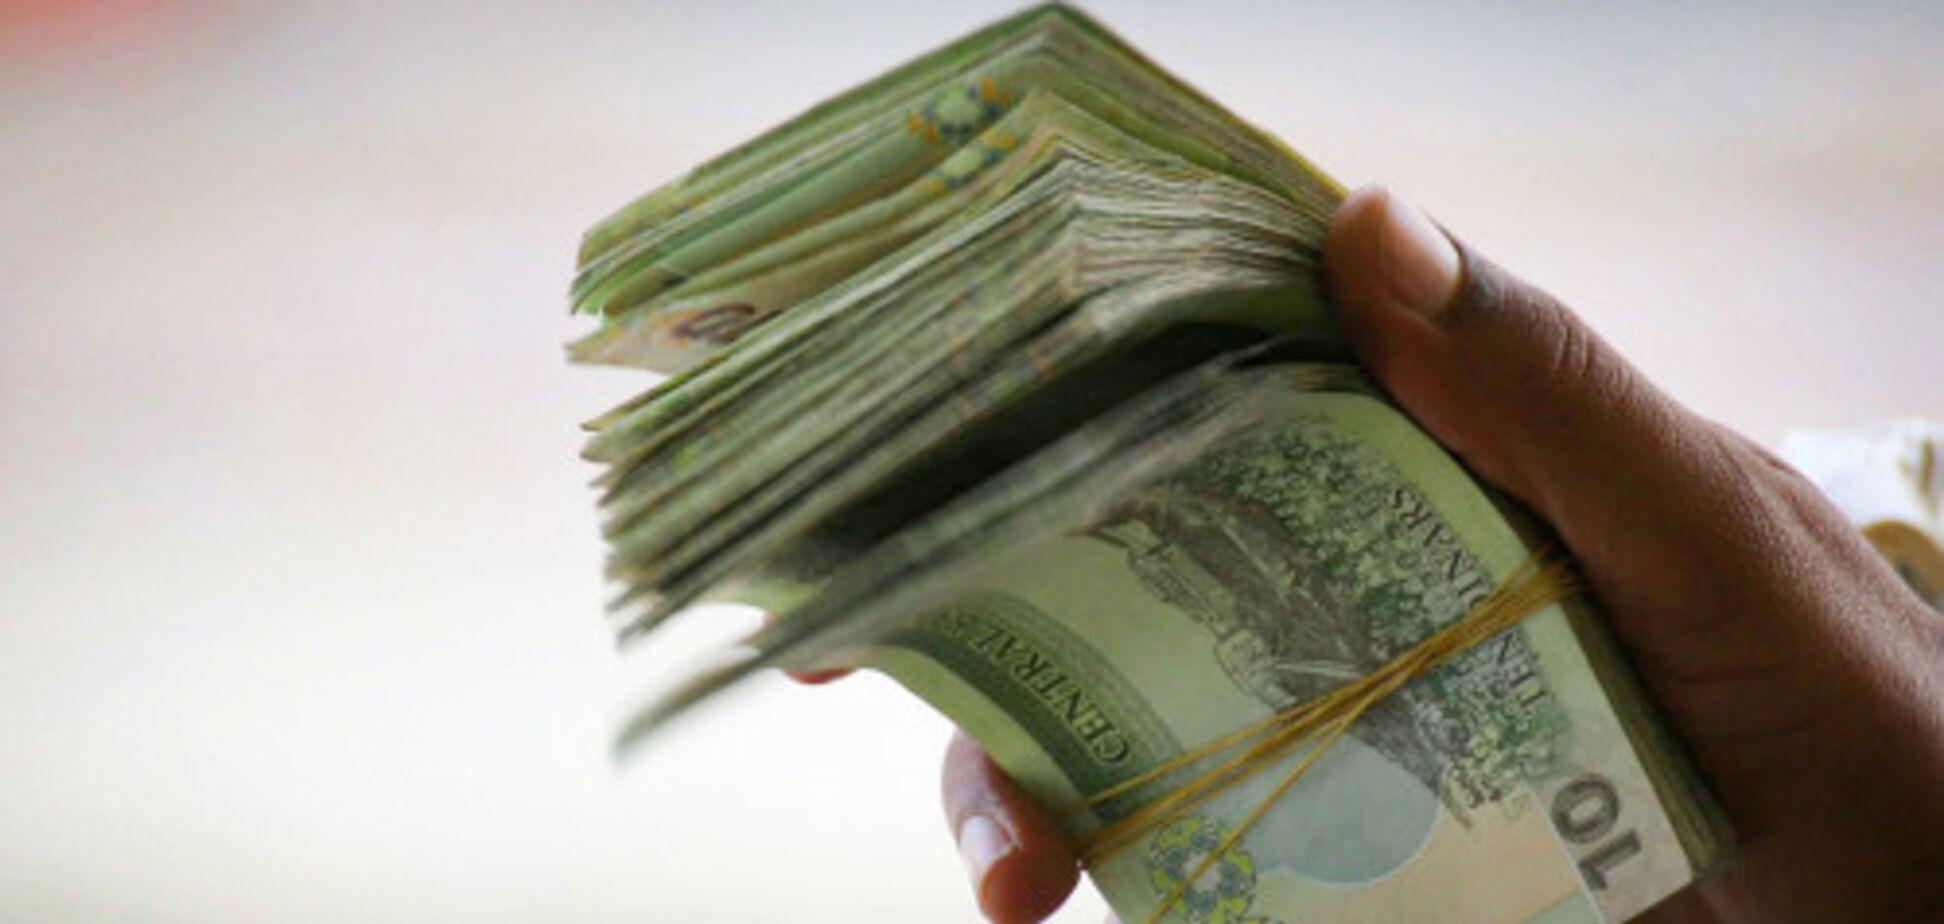 Росія надрукувала $1 мільярд фальшивої валюти – Держдеп США